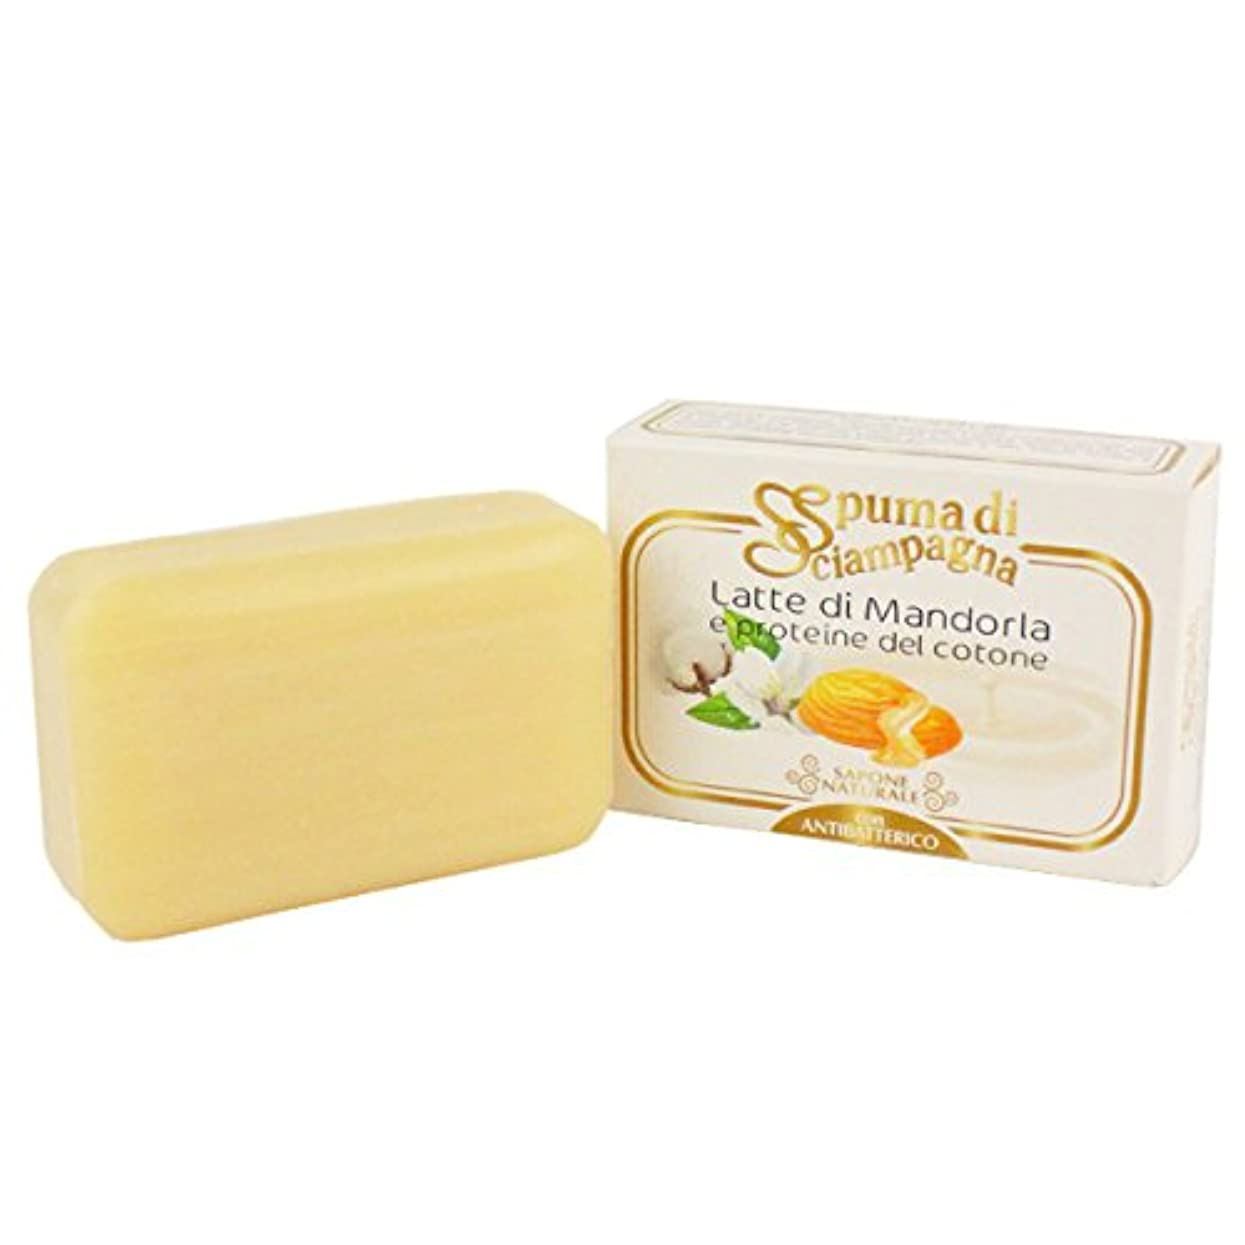 なだめるナット独占Spuma di Sciampagna (スプーマ ディ シャンパーニャ) ナチュラルソープ 化粧石けん 145g アーモンドの香り